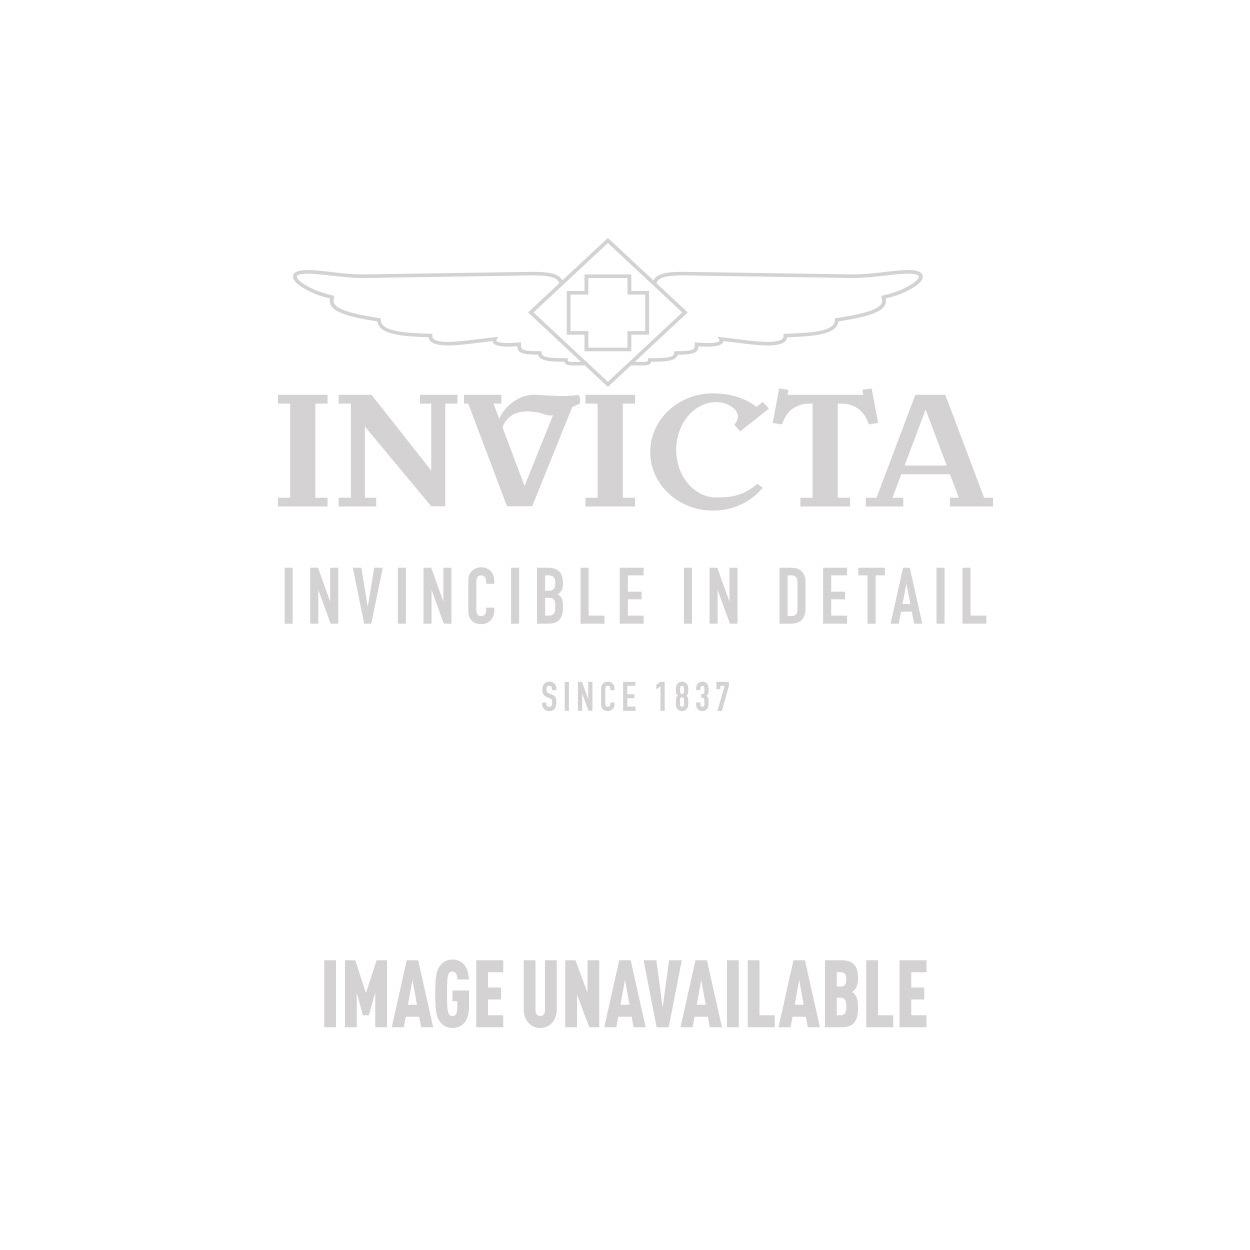 Invicta Model 26653